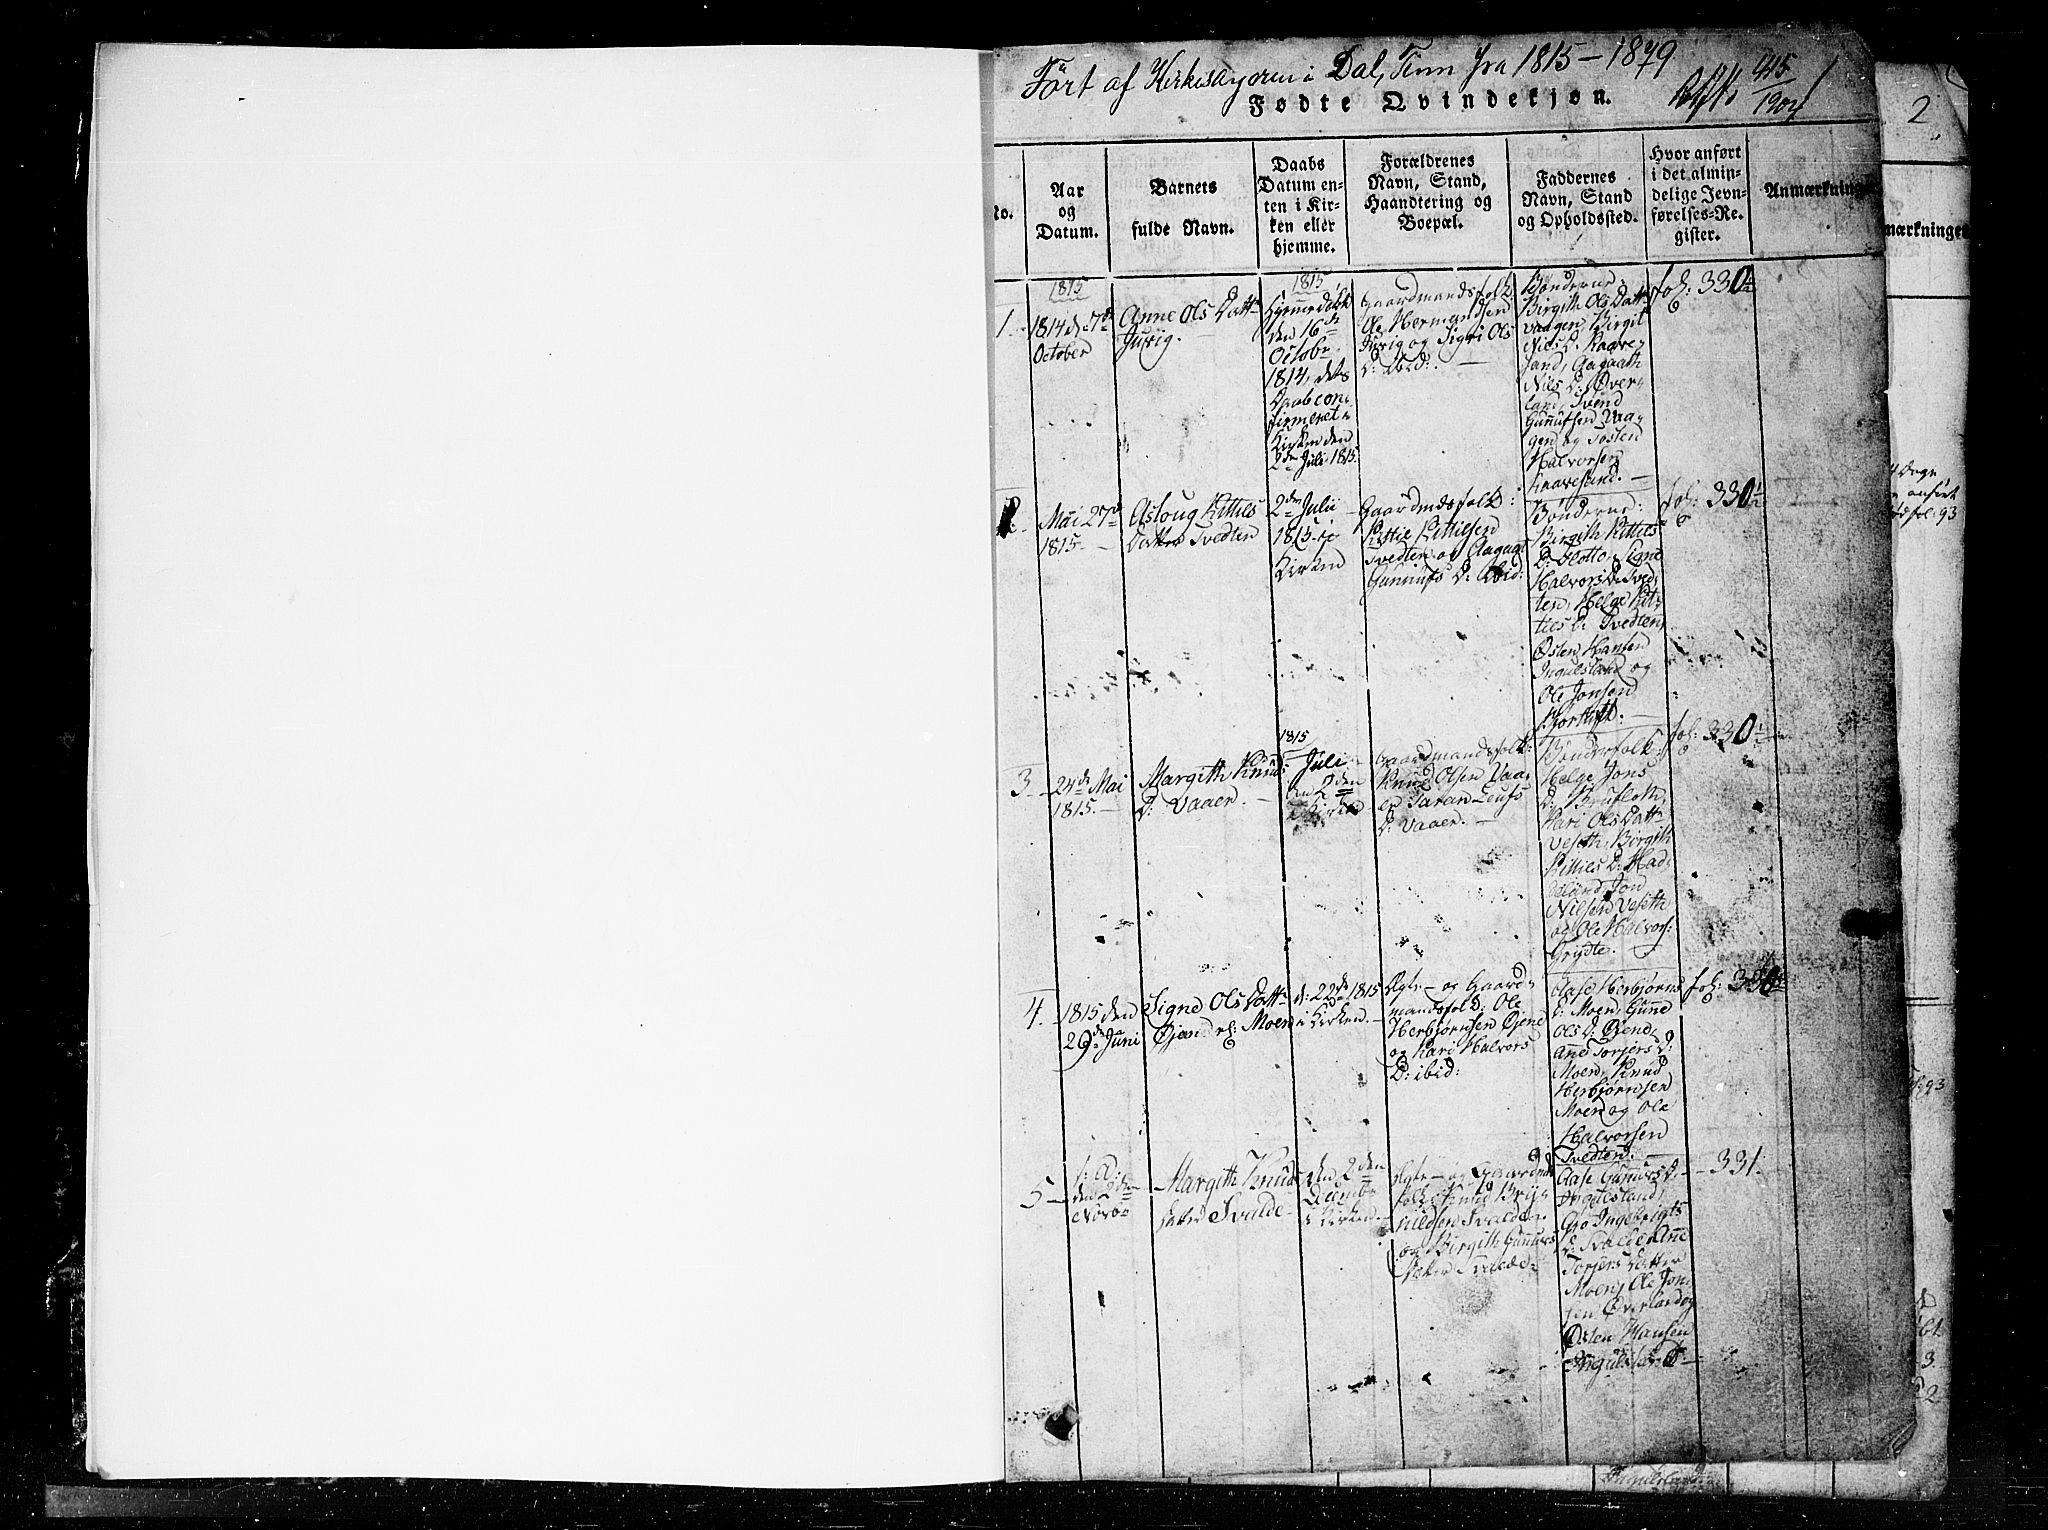 SAKO, Tinn kirkebøker, G/Gc/L0001: Klokkerbok nr. III 1, 1815-1879, s. 1